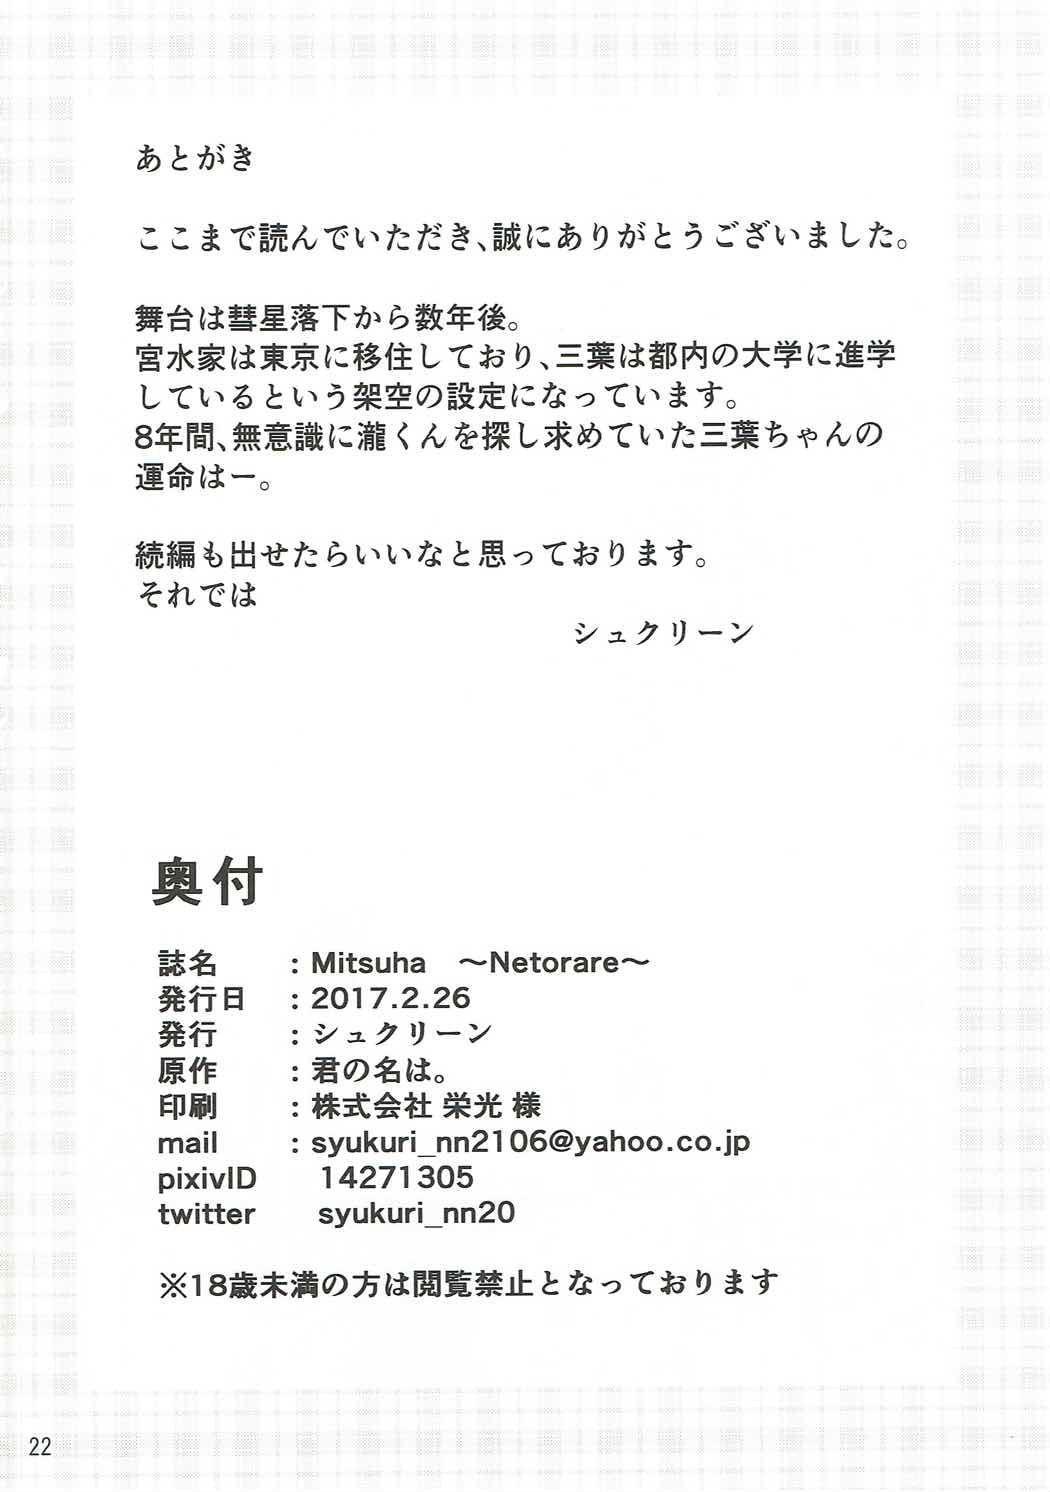 Mitsuha 20